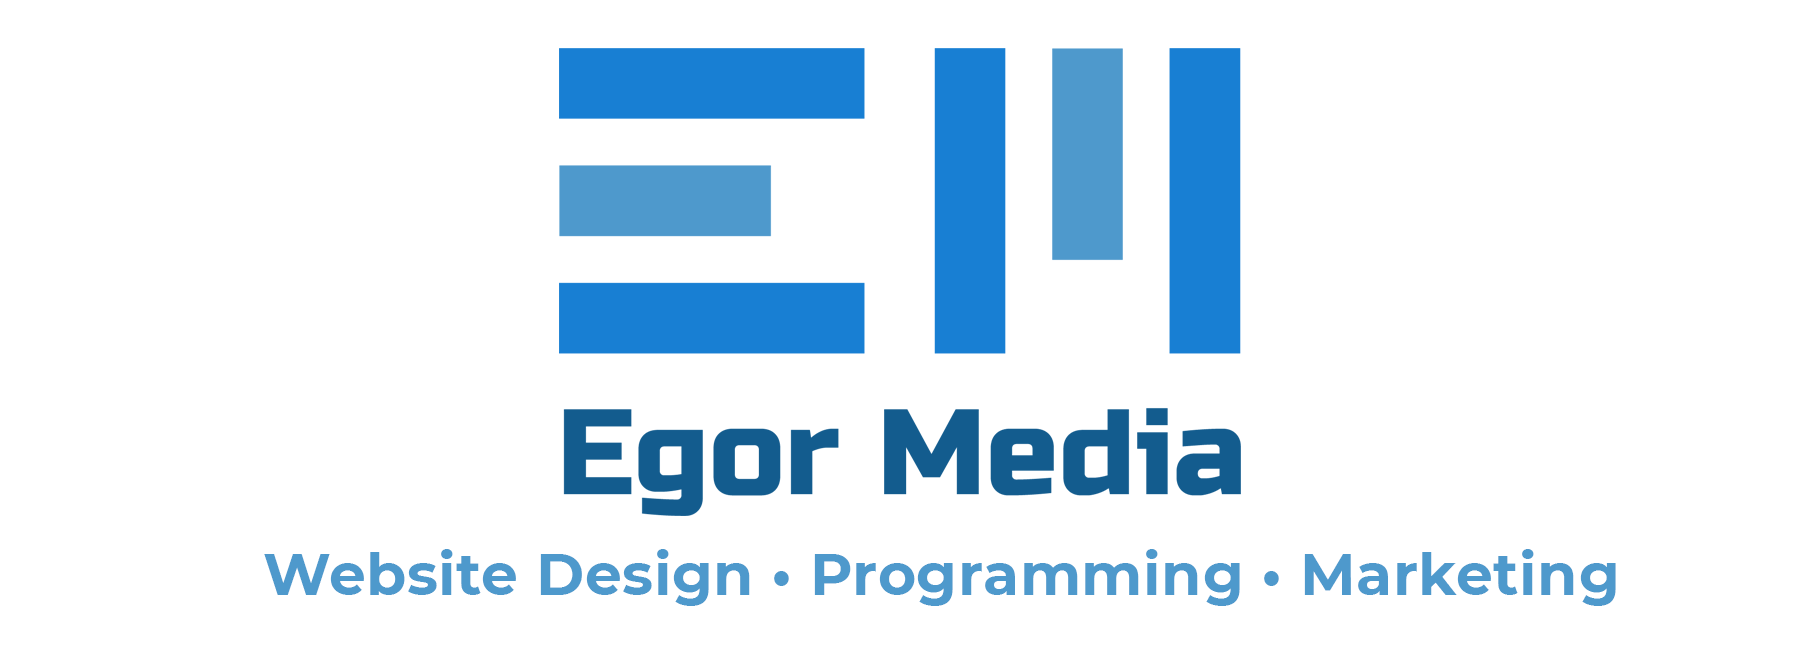 Egor Media web design